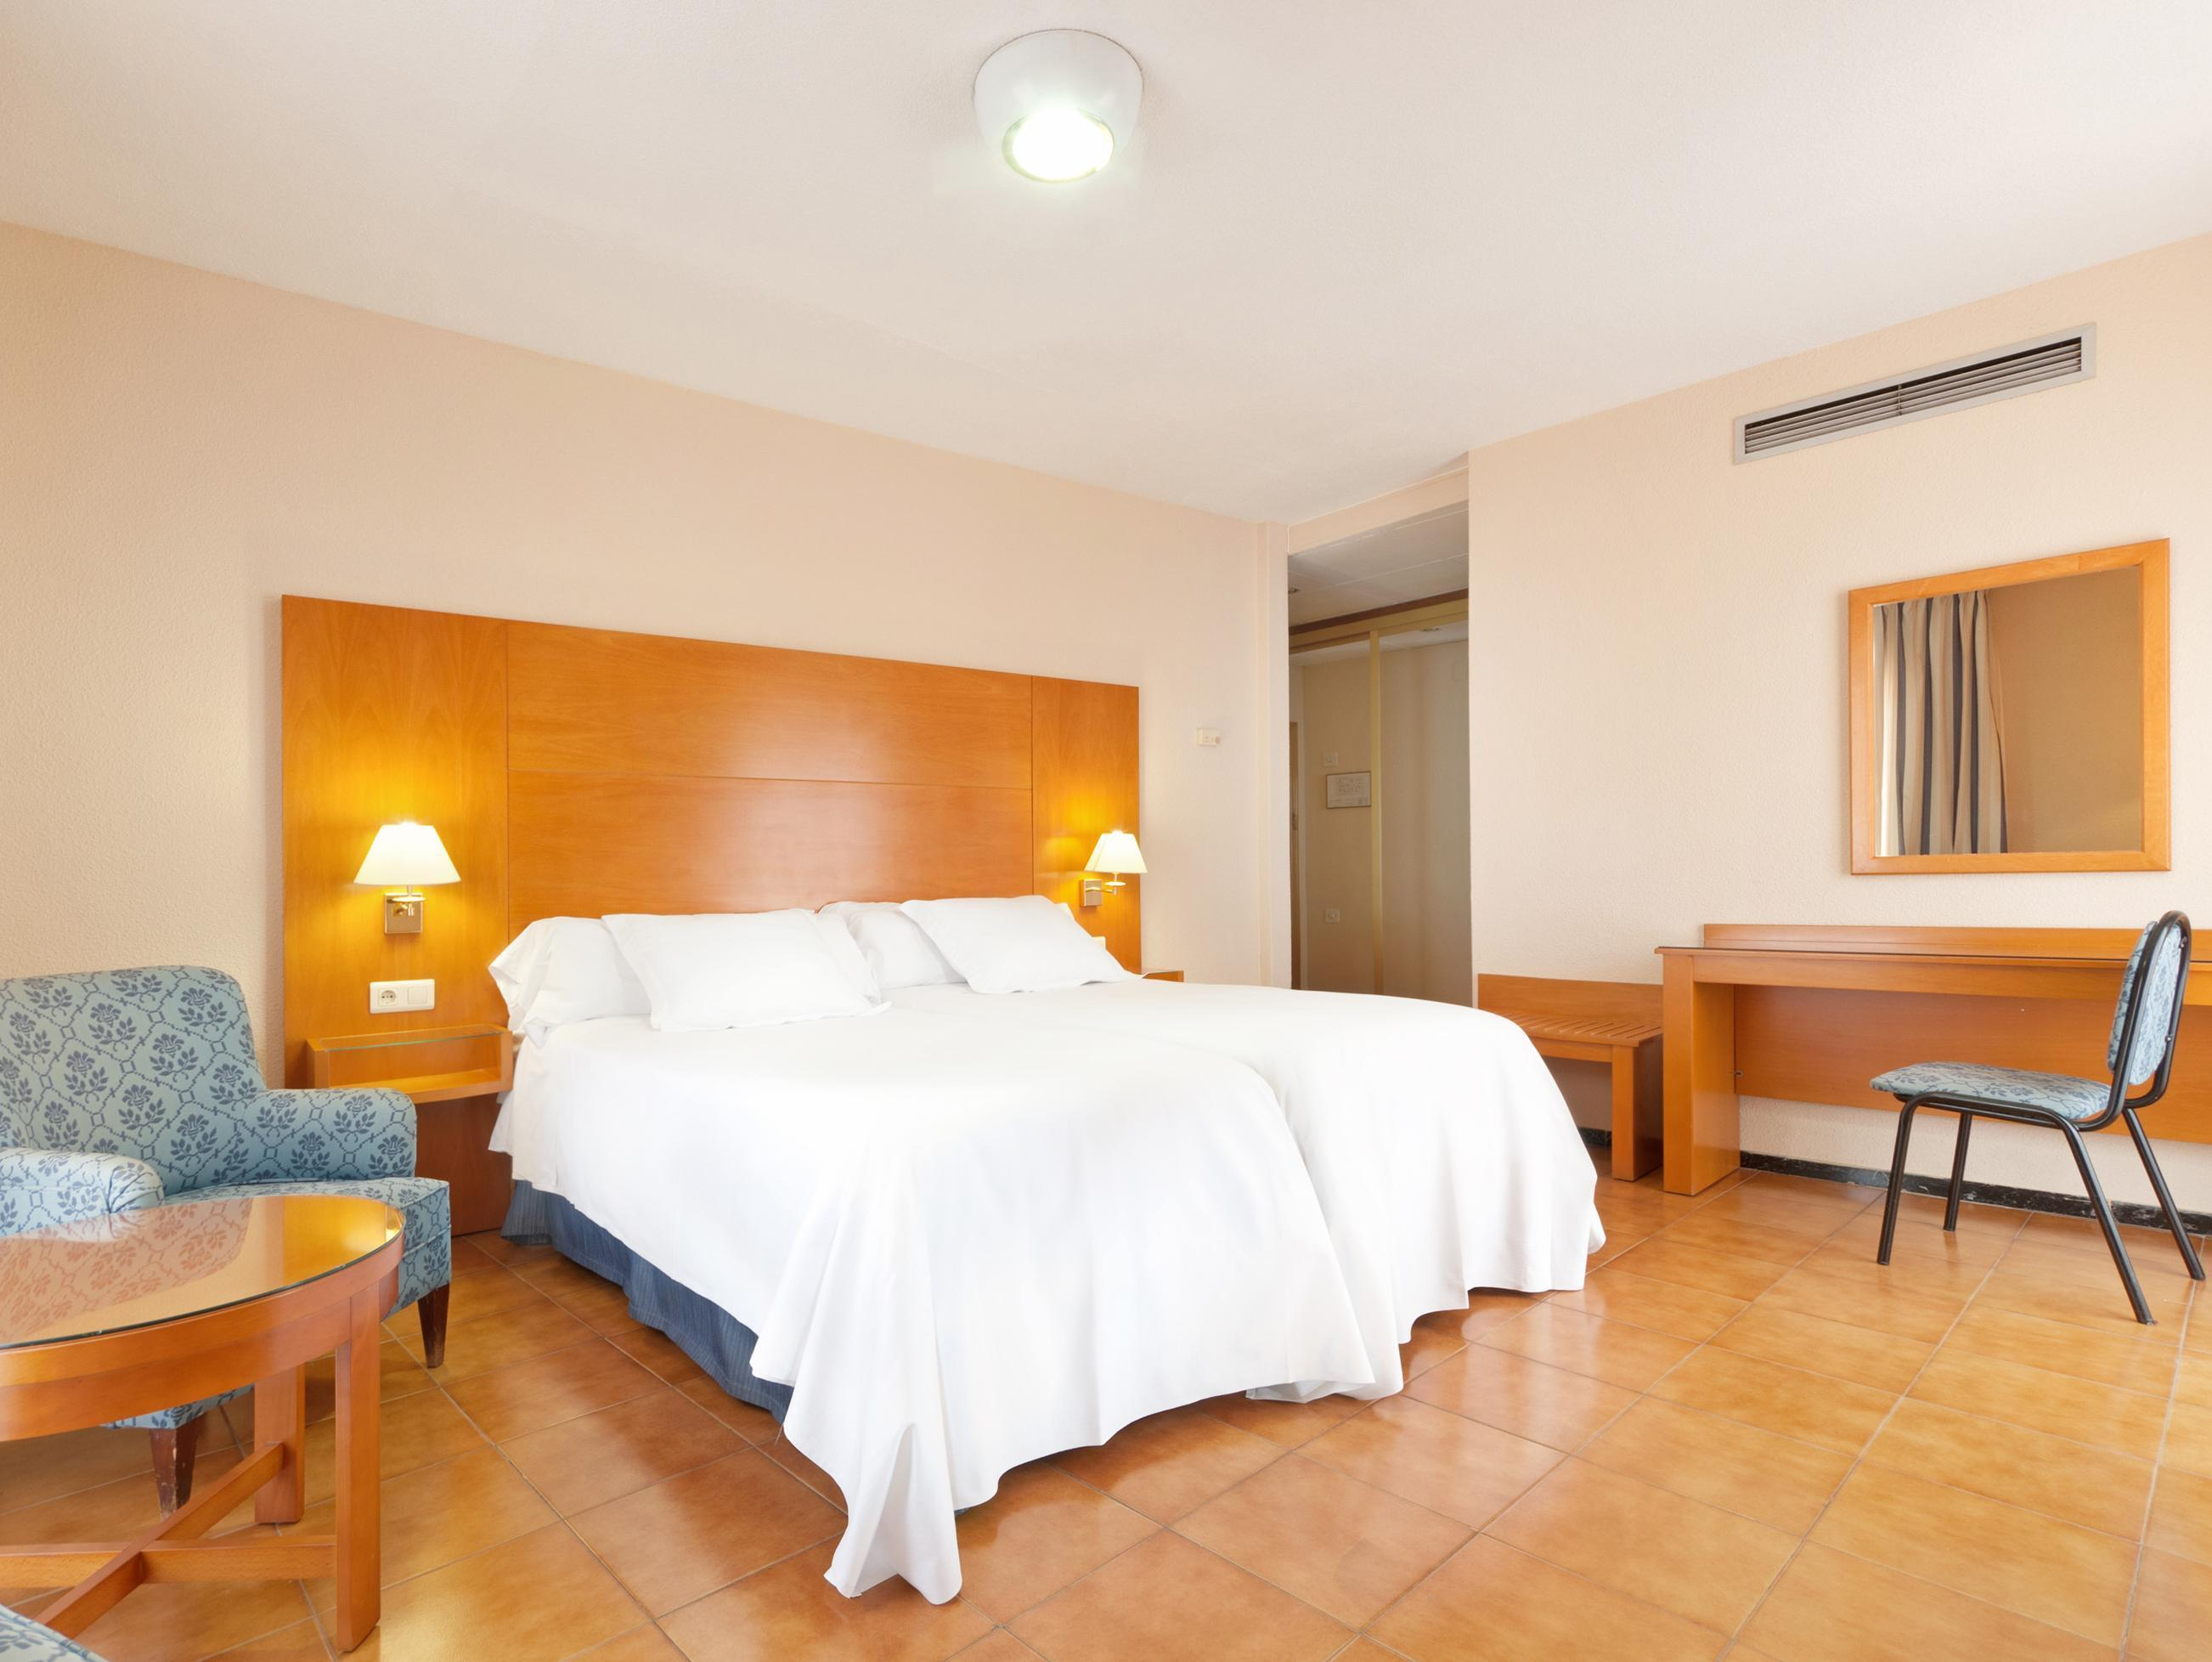 Отель tryp ciudad испания аликанте туры